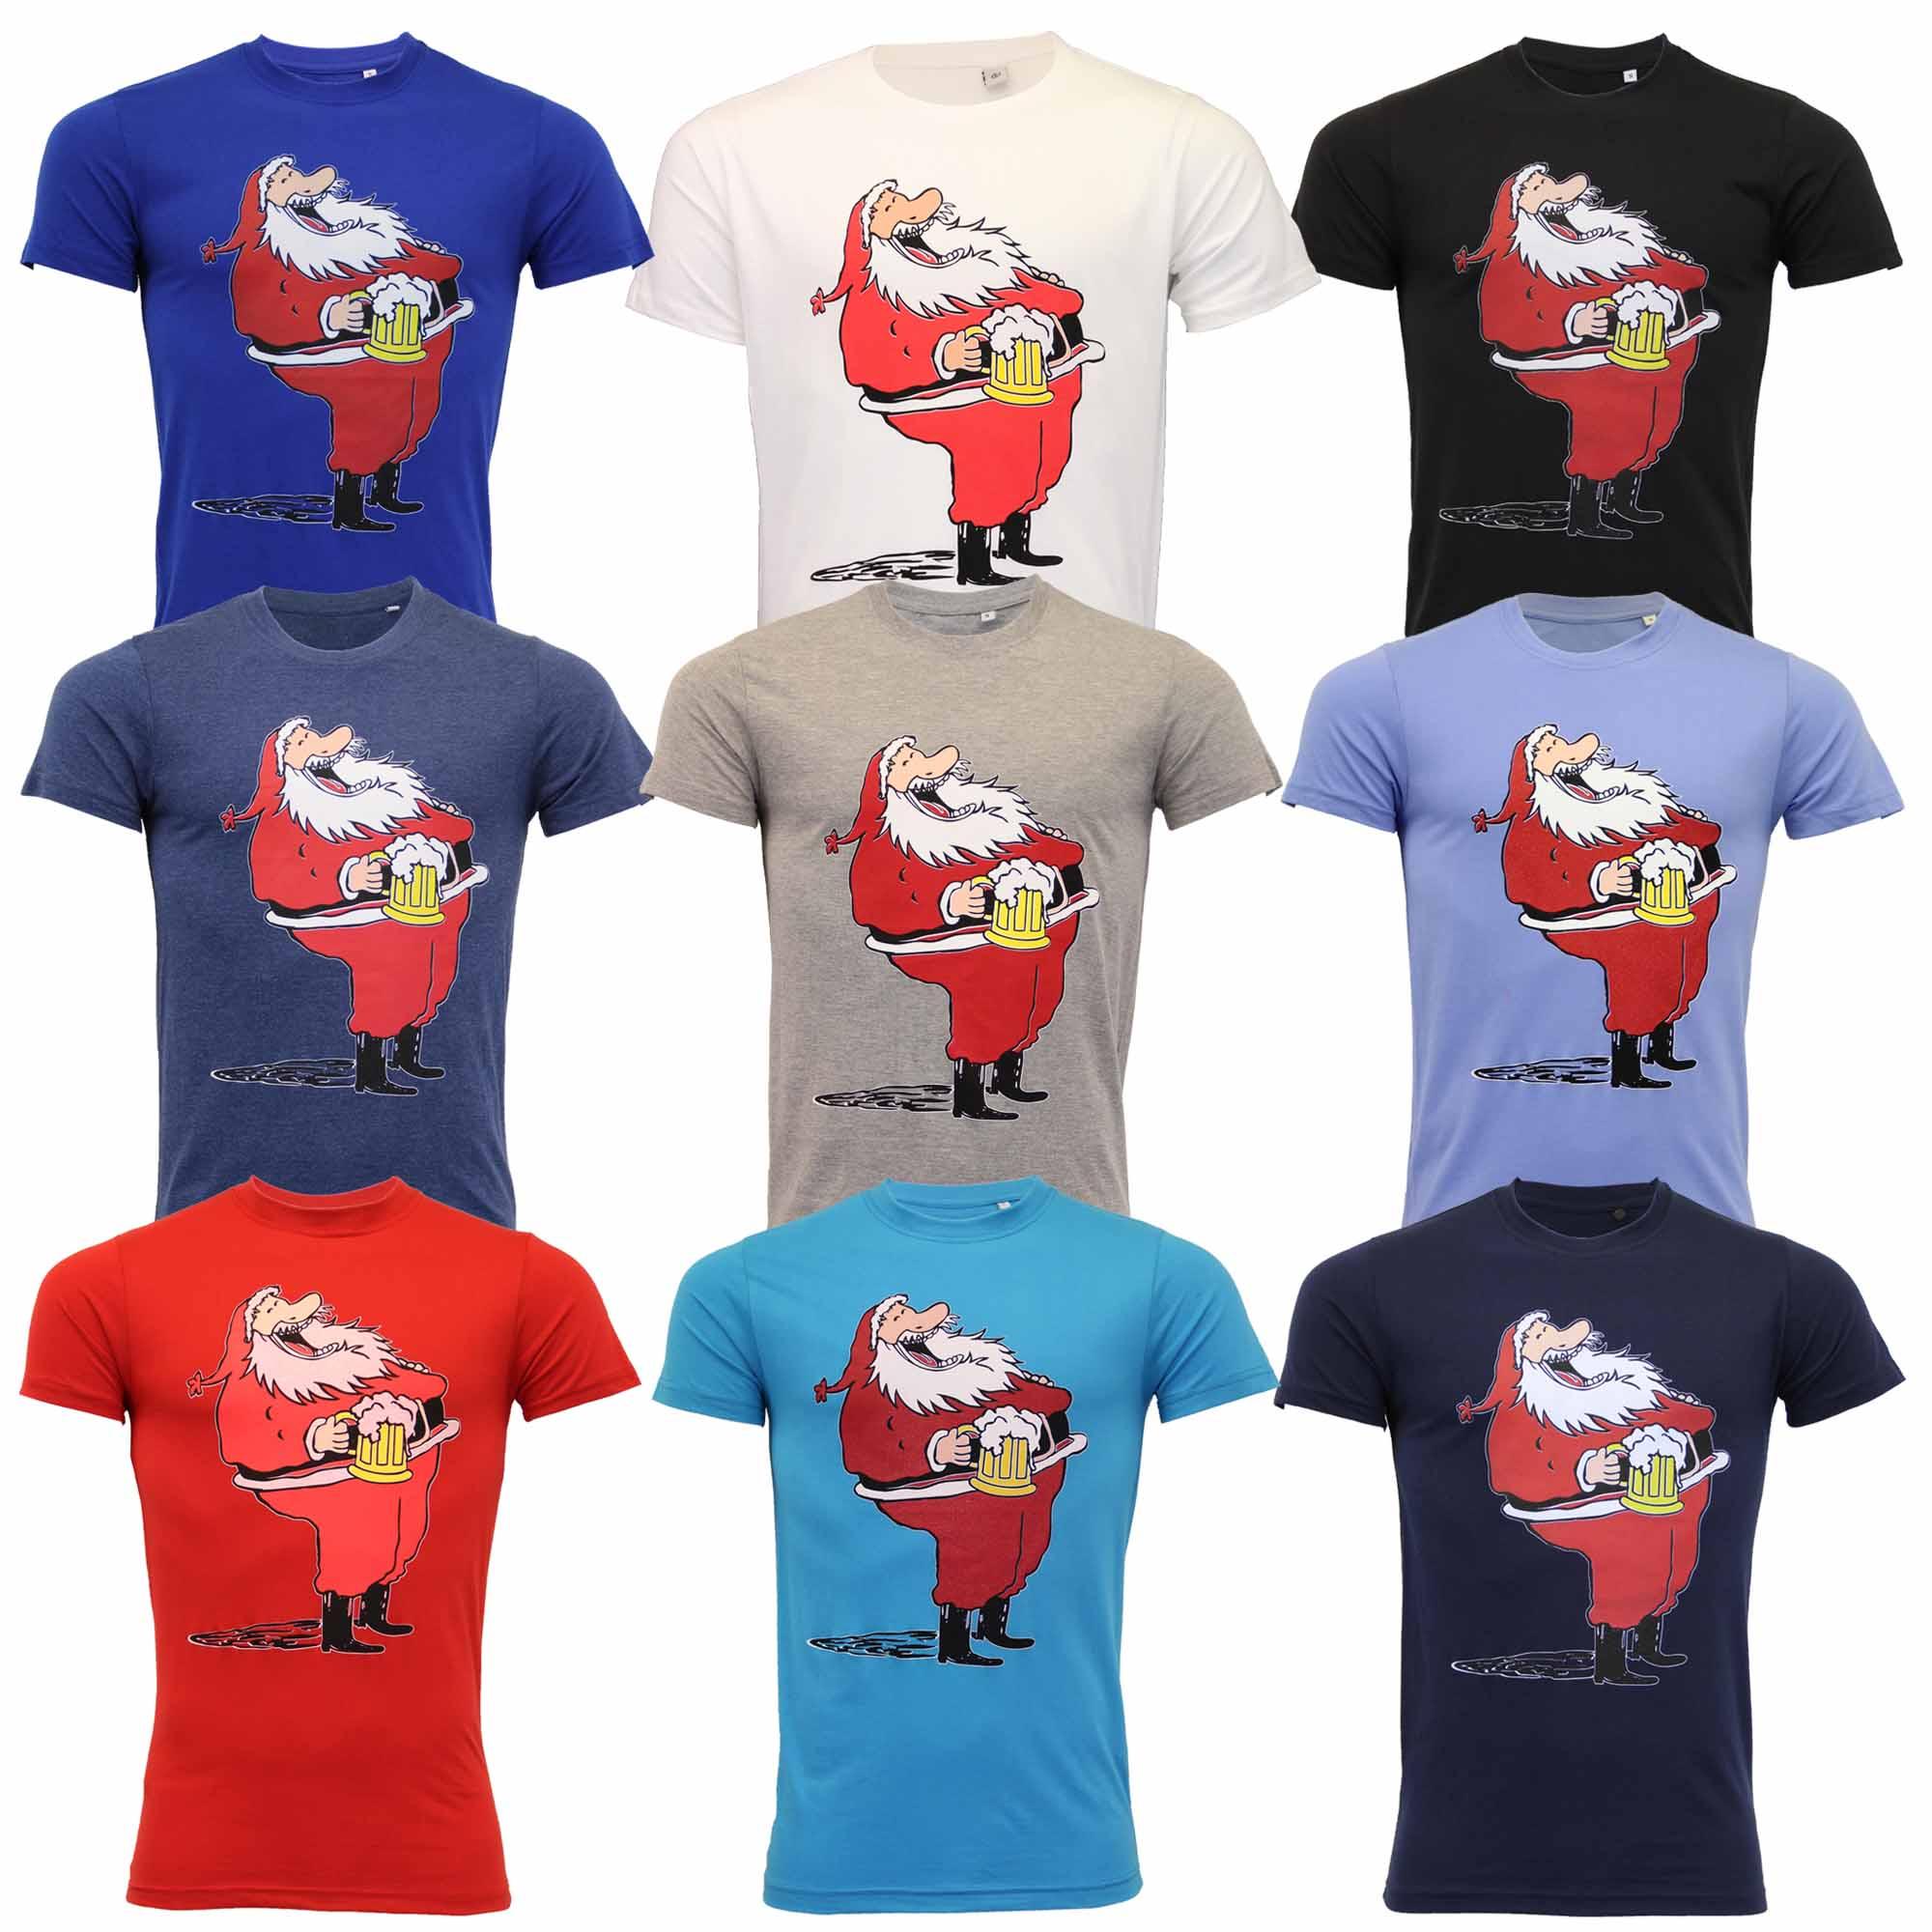 Homme Noël T Shirt De Noël Père Noël Imprimé Festif Nouveauté Coton Fashion